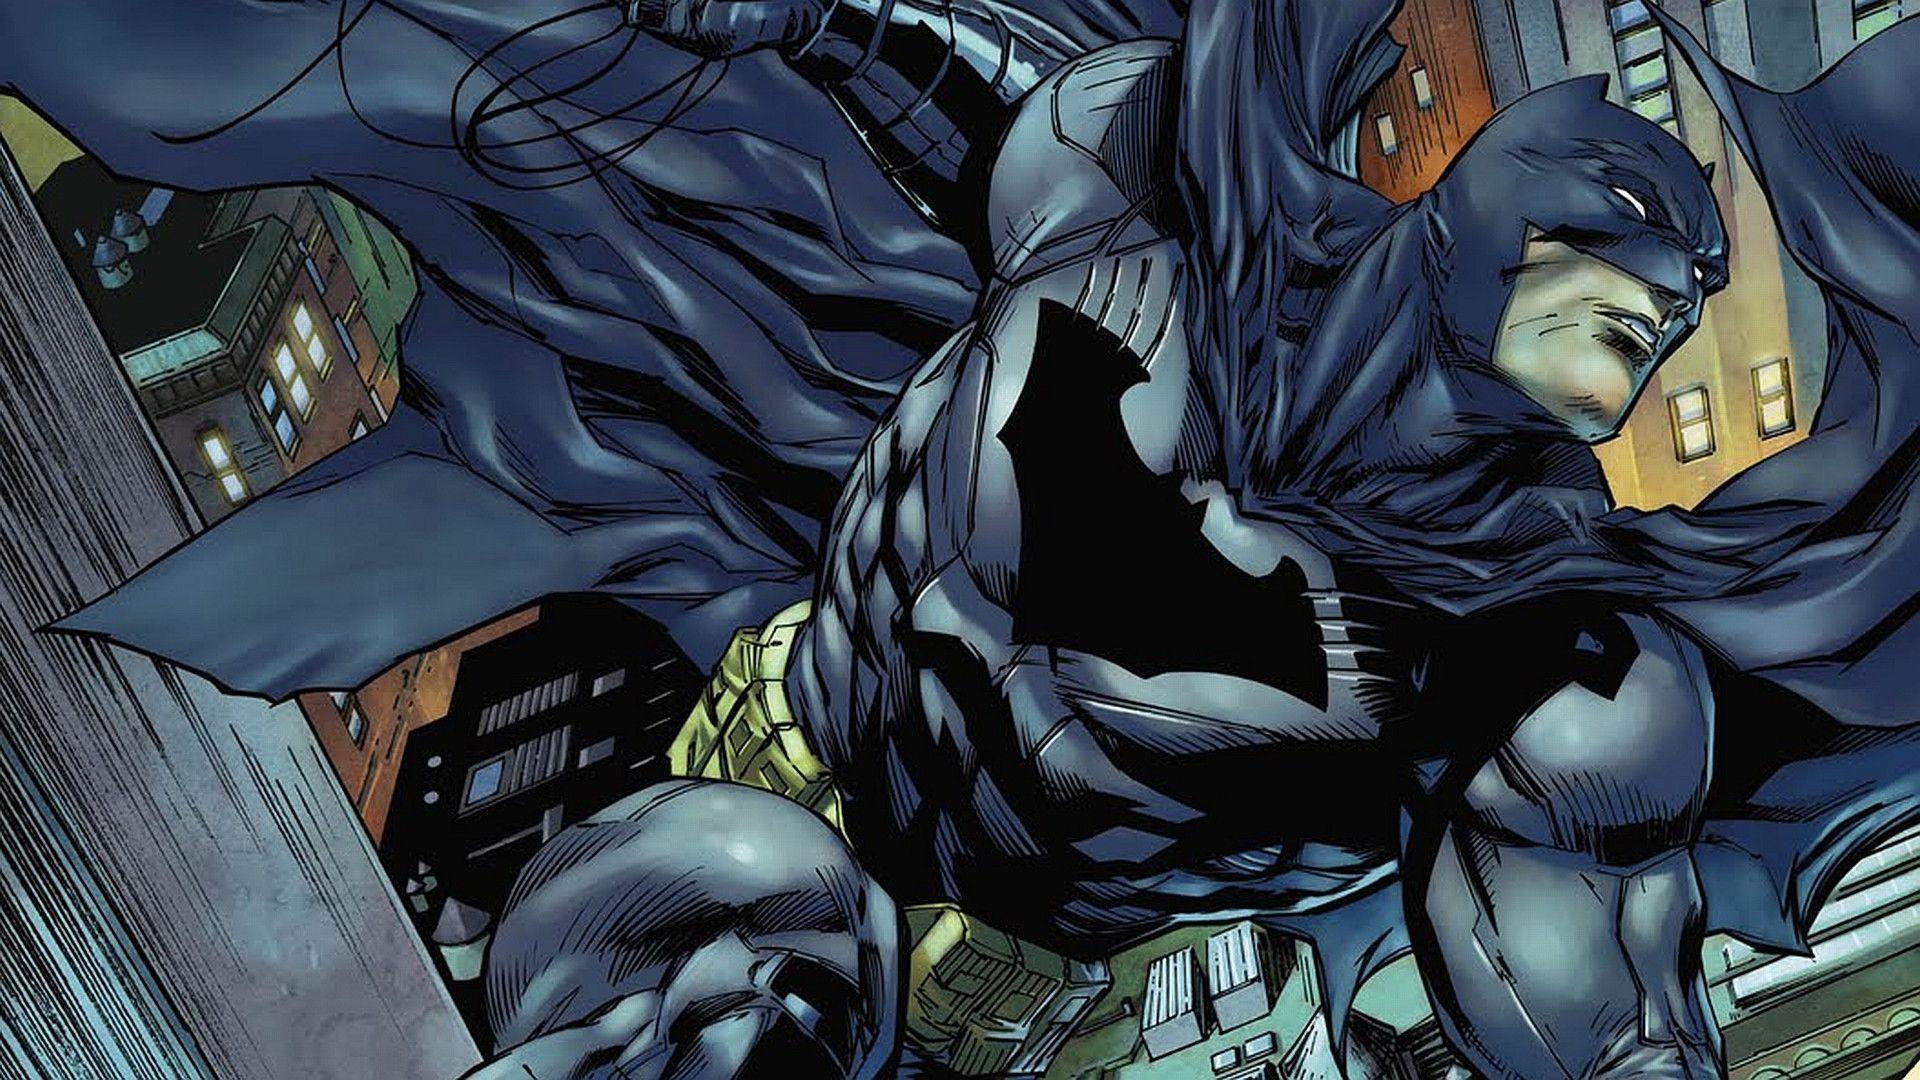 wallpaper comics batman - photo #10